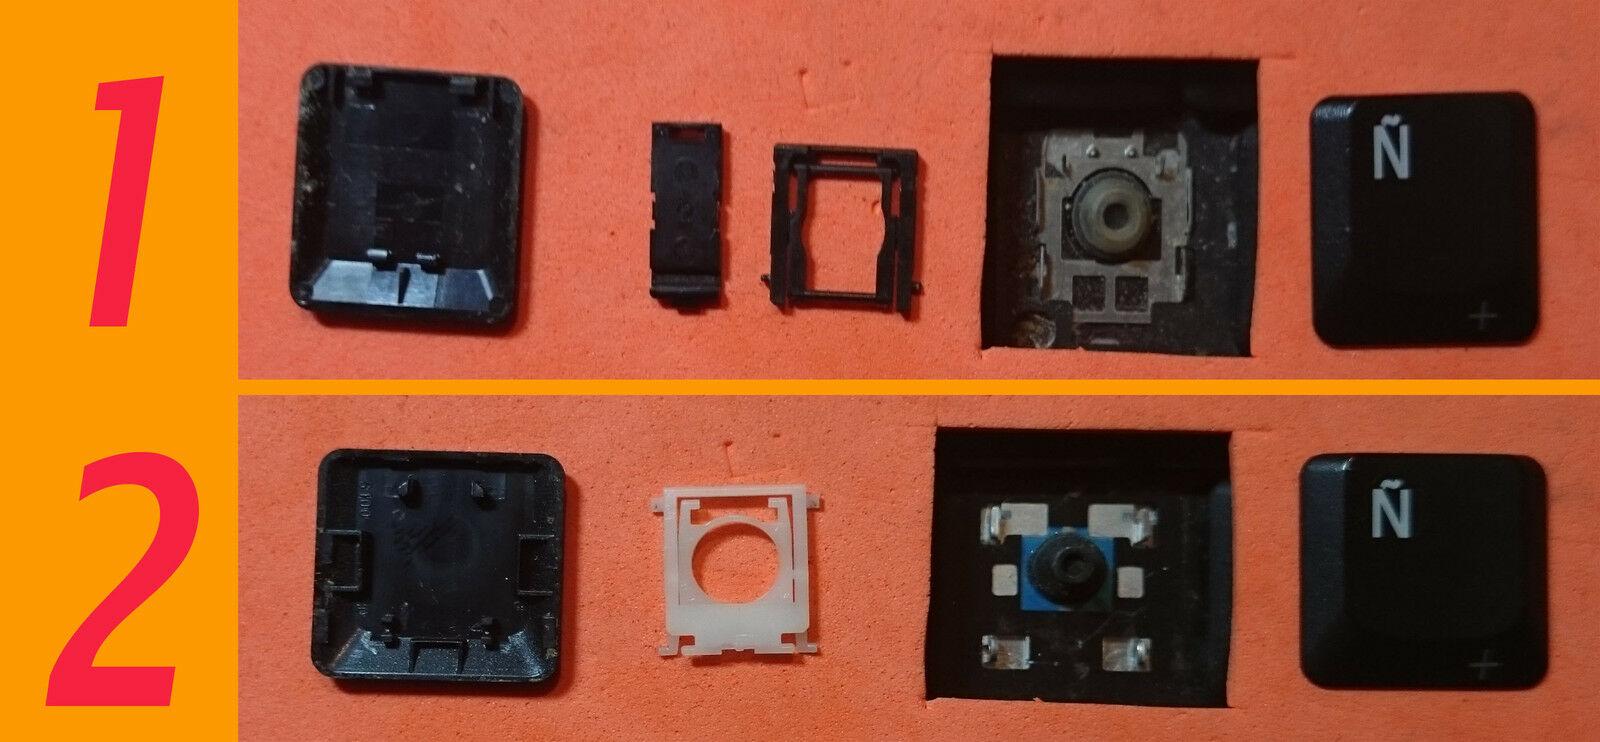 TECLA TECLAS DE TECLADO TOSHIBA SATELLLITE M45 M50 M55 M70 M75 P10 P15